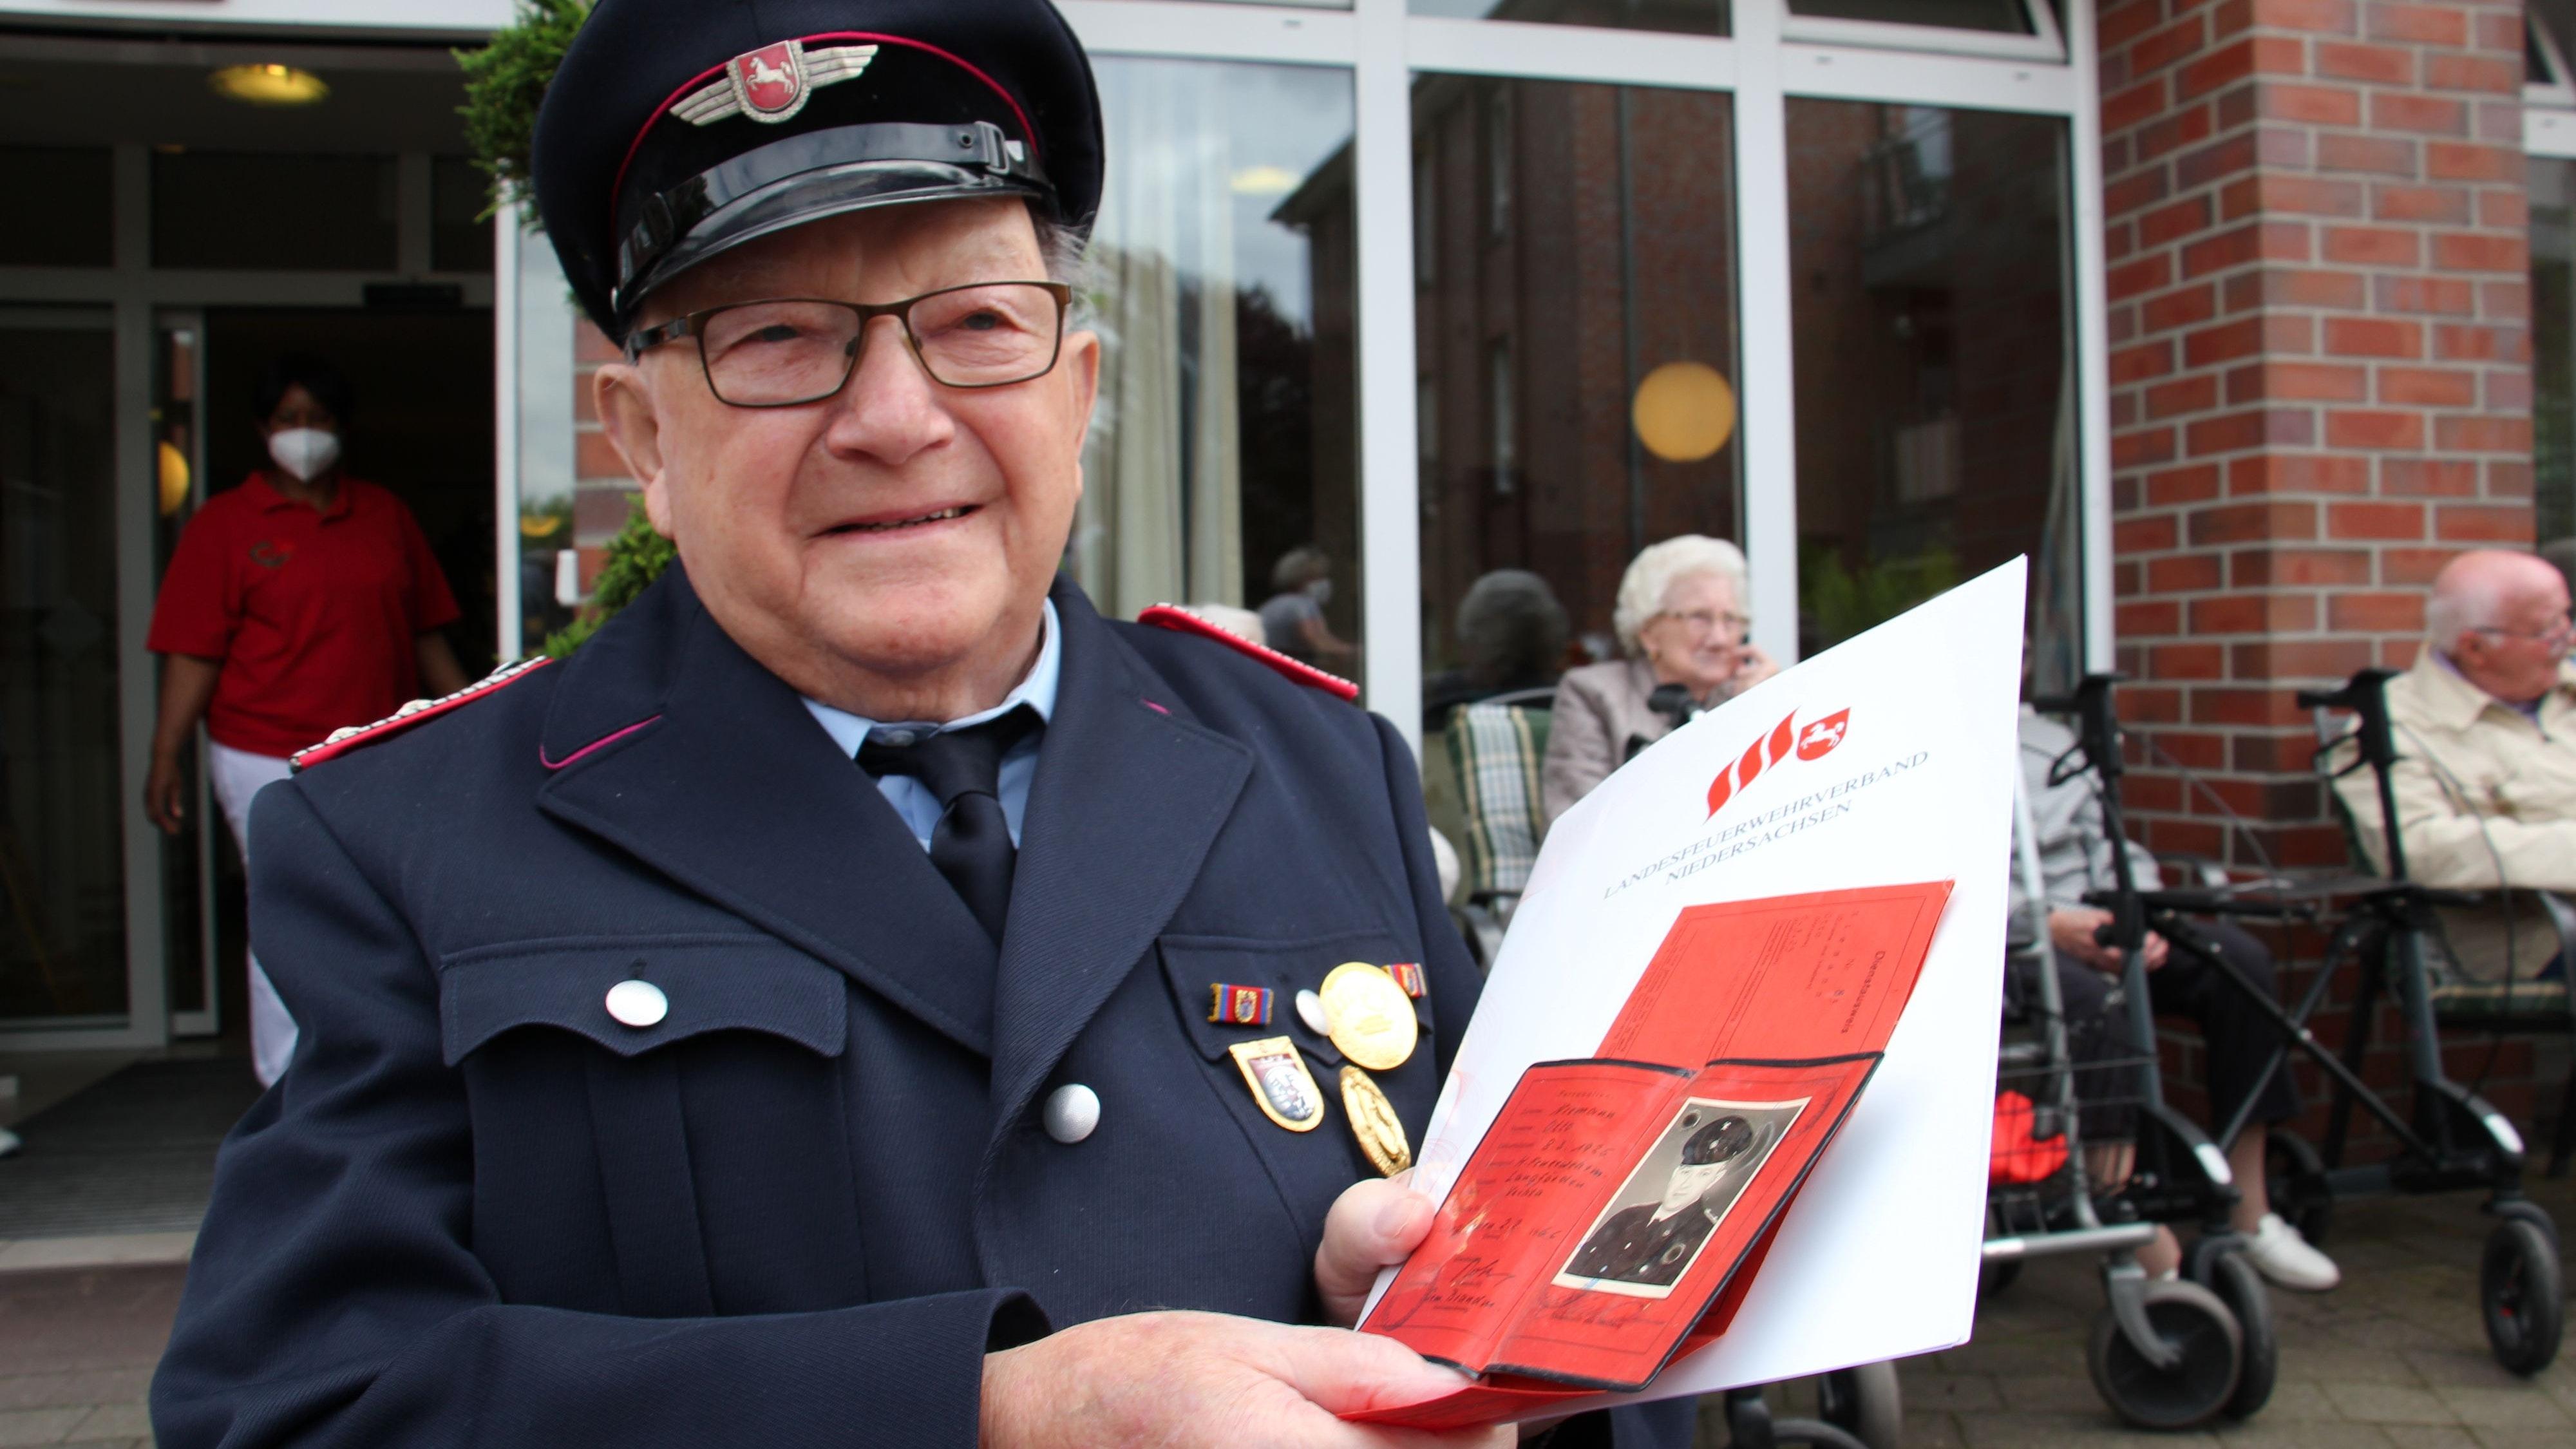 Otto Niemann kann auf die Auszeichnung für seine langjährige Mitgliedschaft stolz sein. Neben der Urkunde hält der Jubilar seinen uralten Feuerwehrausweis in den Händen. Foto: Speckmann